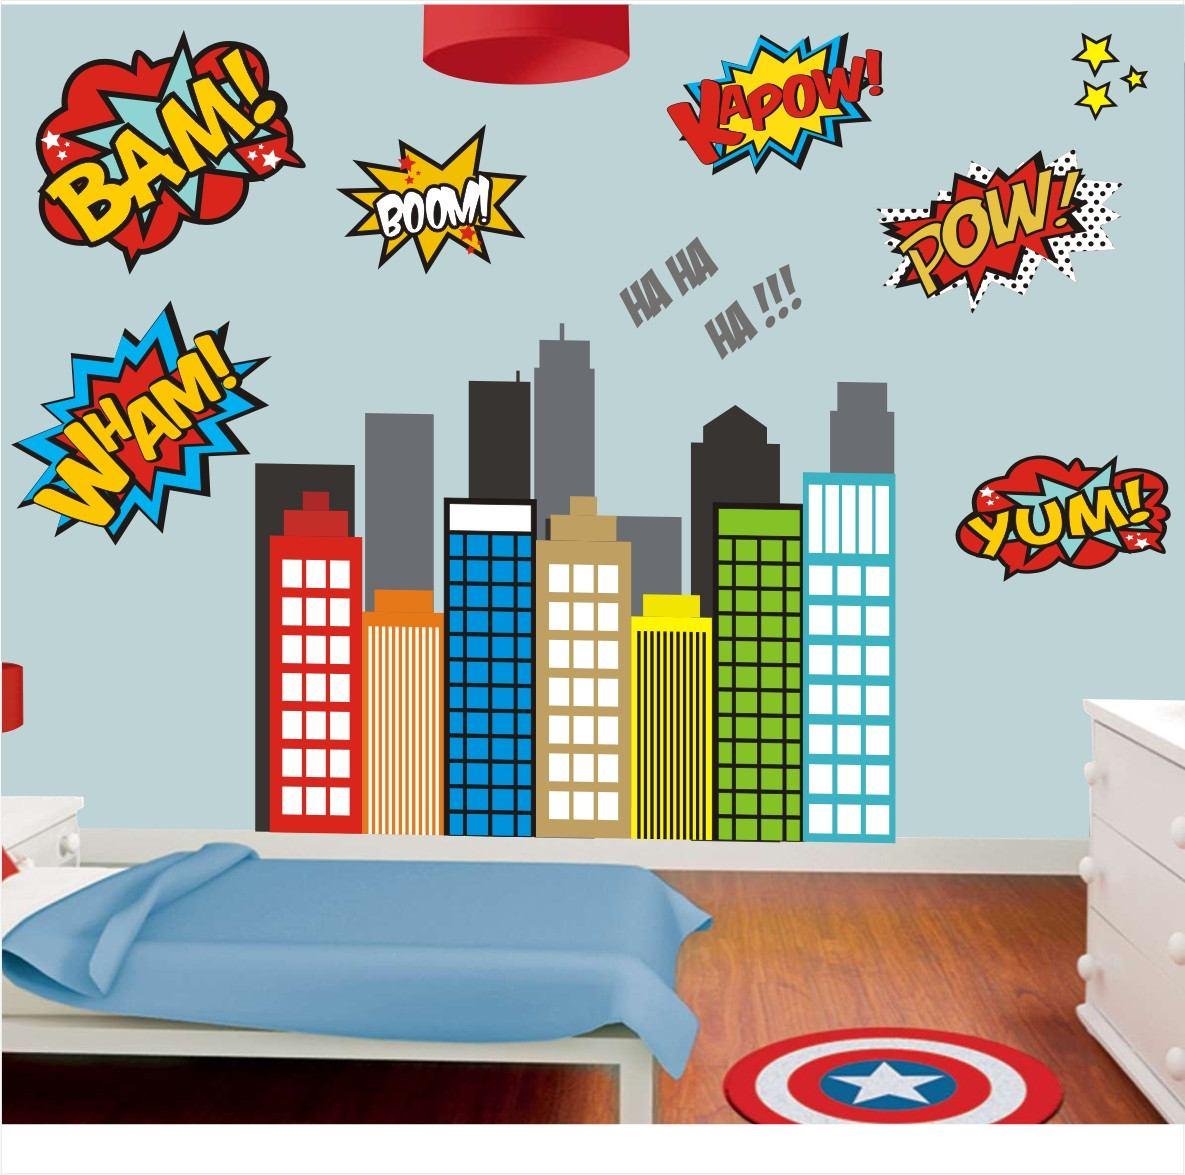 Revestimento Parede Quarto Infantil ~ Adesivo Revestimento Parede Infantil Herois Avengers Mod 06  R$ 149